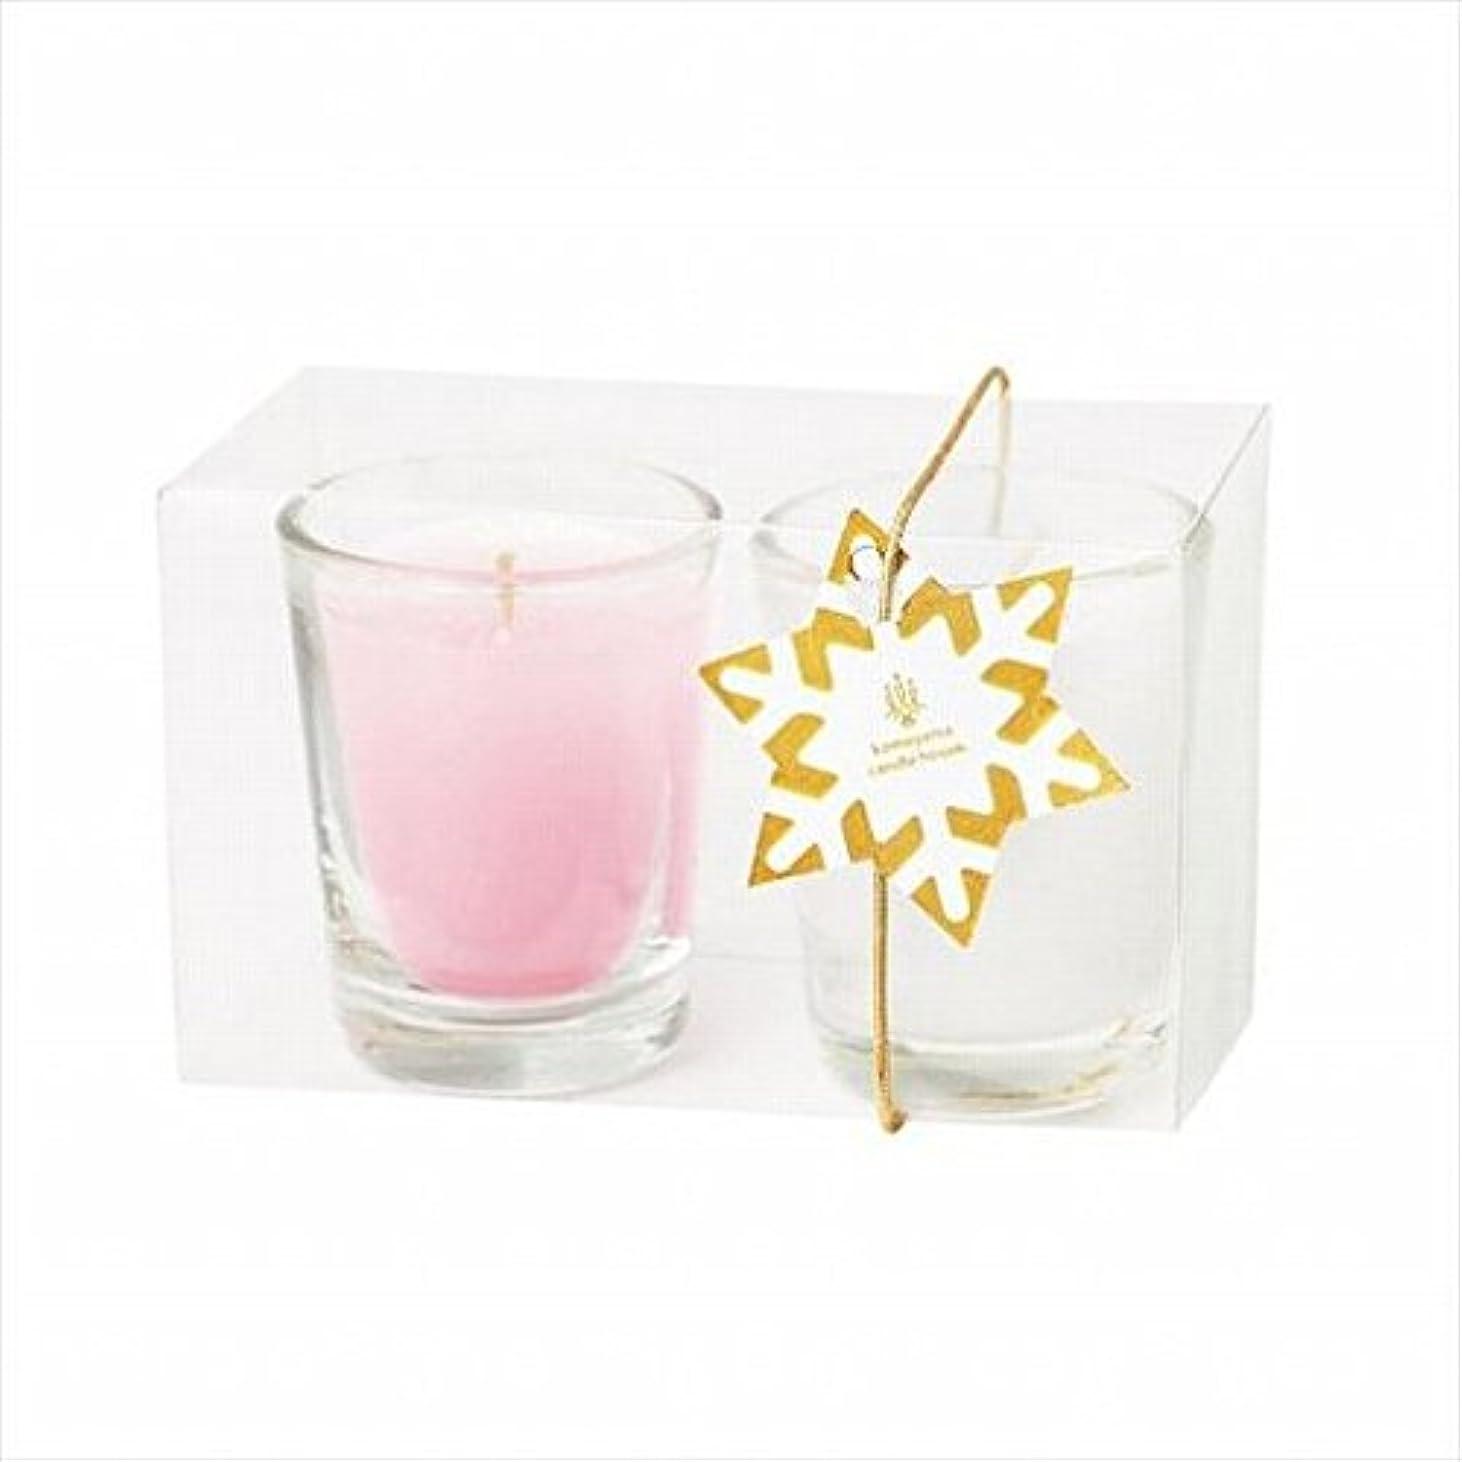 暴力苦い扇動kameyama candle(カメヤマキャンドル) ミニライト2個入り 「 ホワイト&ピンク 」(A9570020)